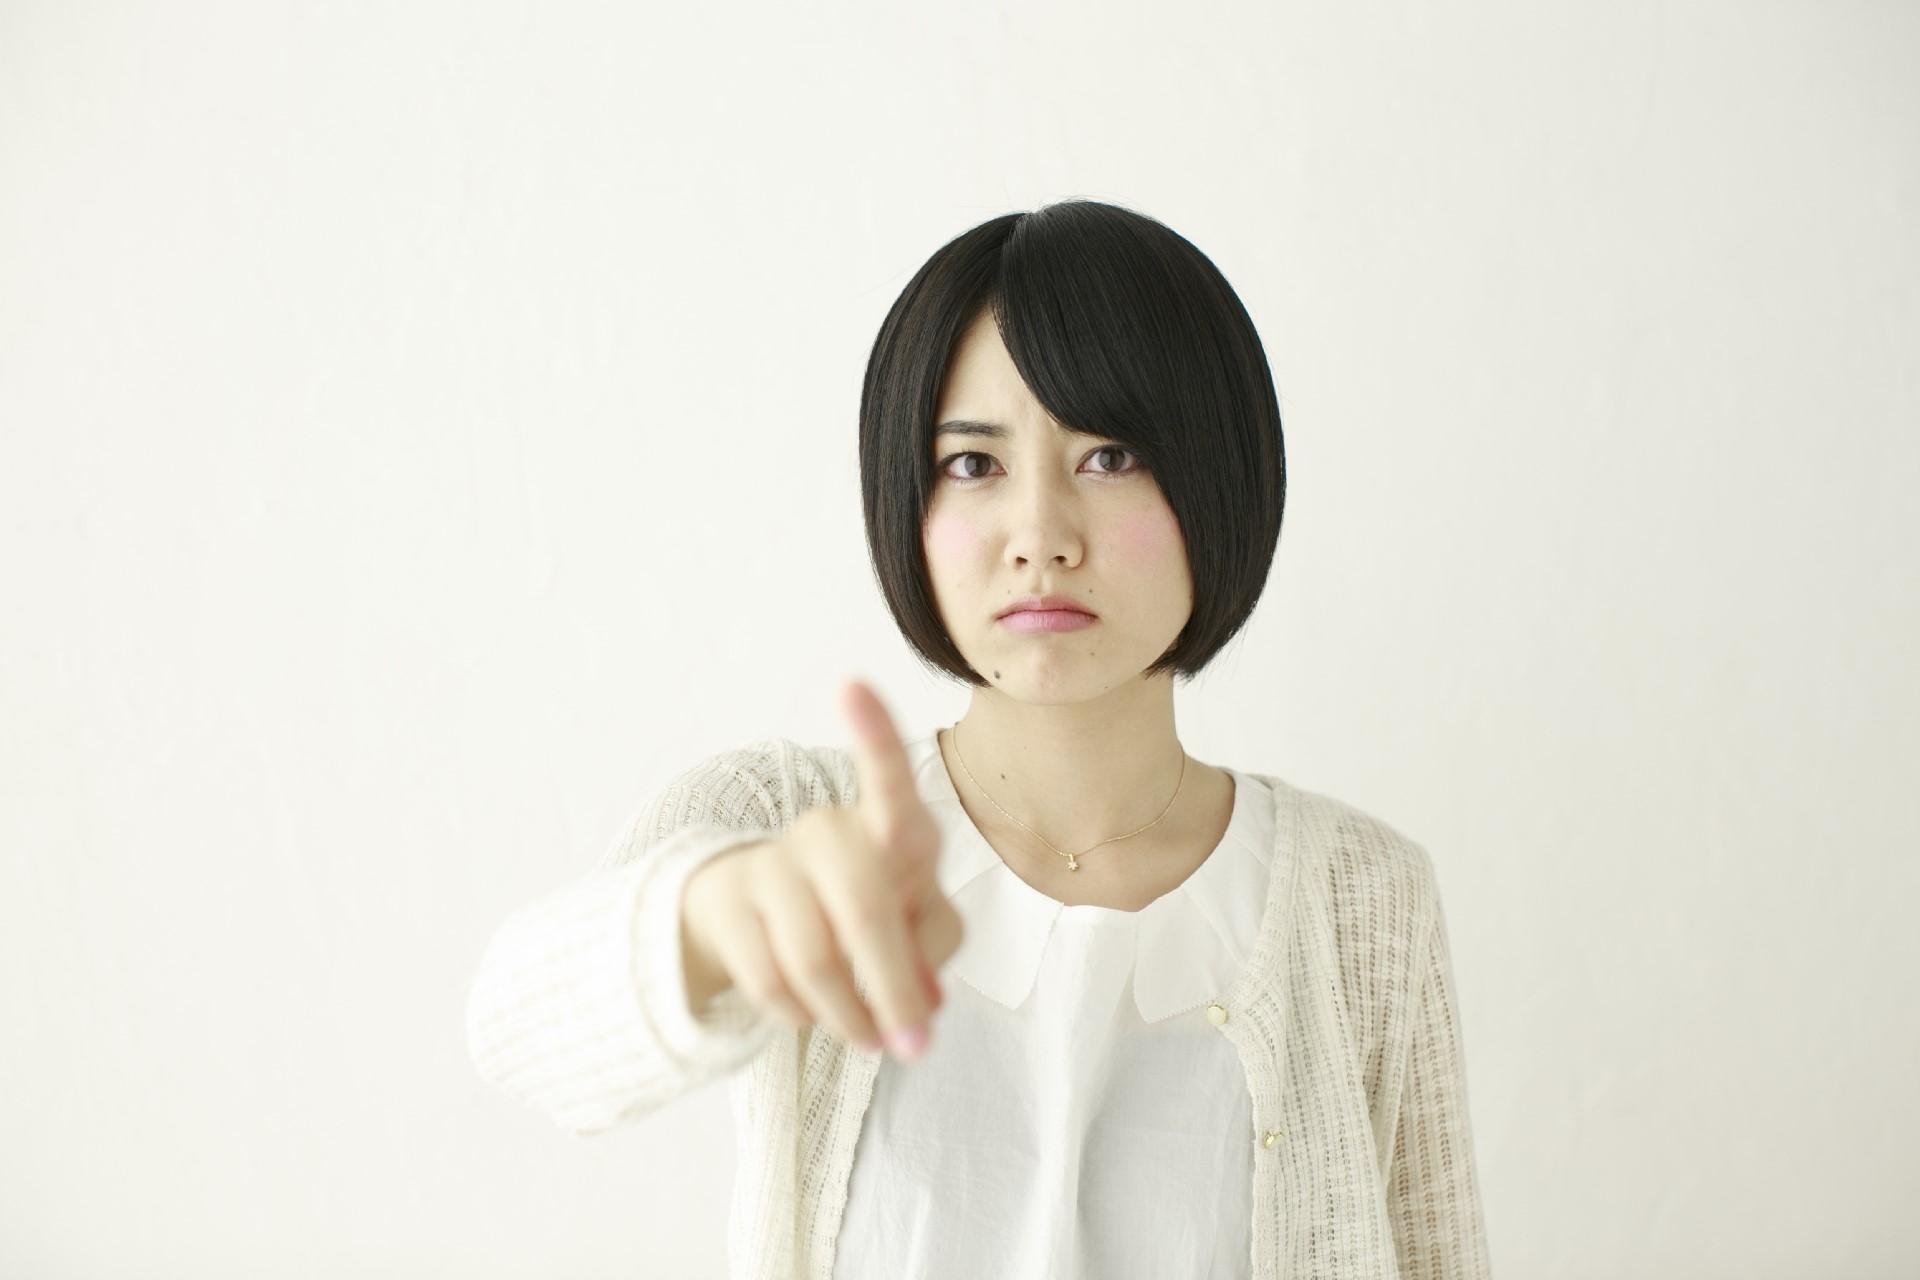 S_06_jyuken_01